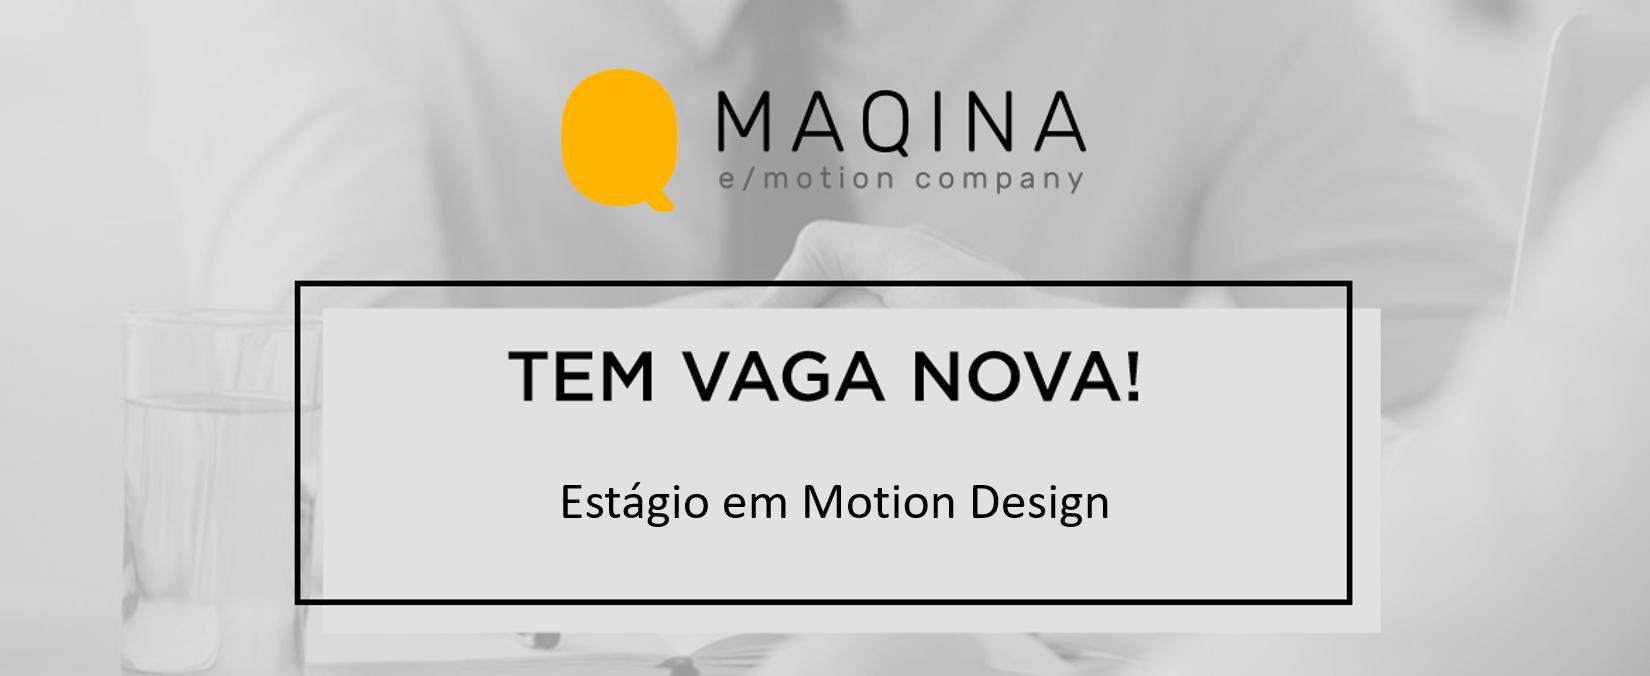 [MAQINA] Estágio em Motion Design